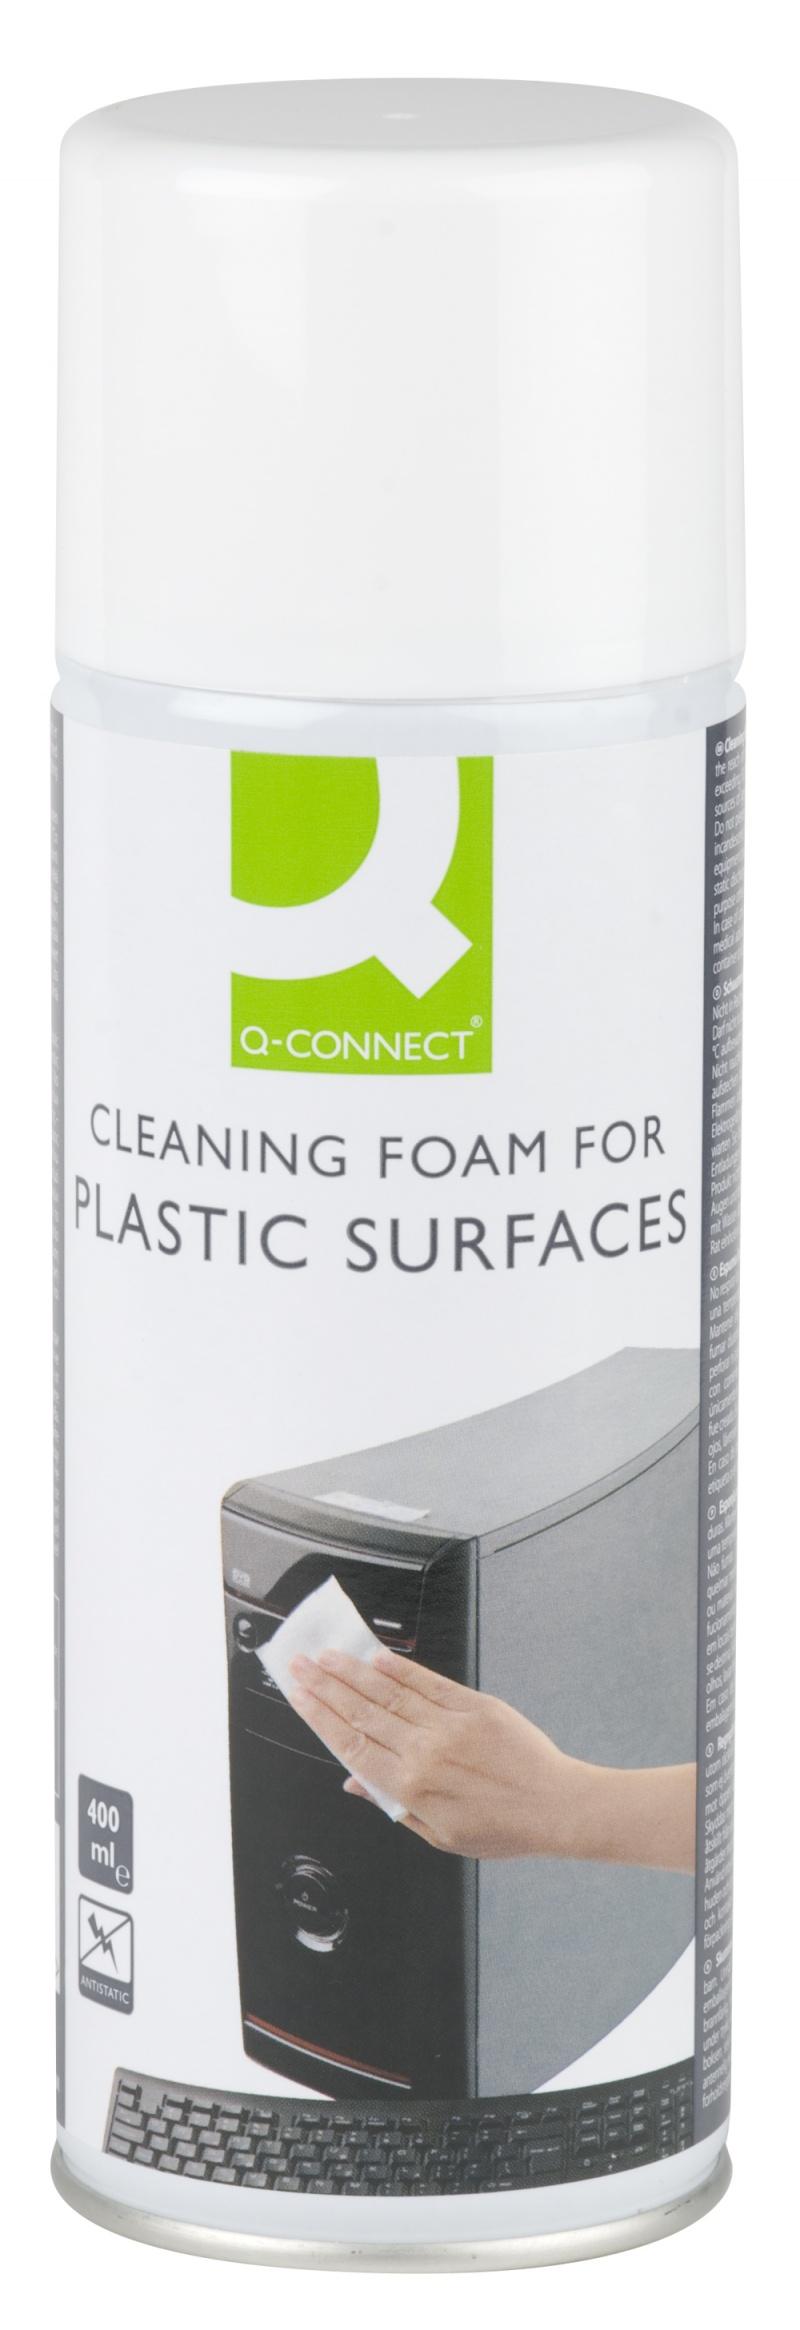 Pianka do plastiku 400ml Q-CONNECT, Środki czyszczące, Akcesoria komputerowe